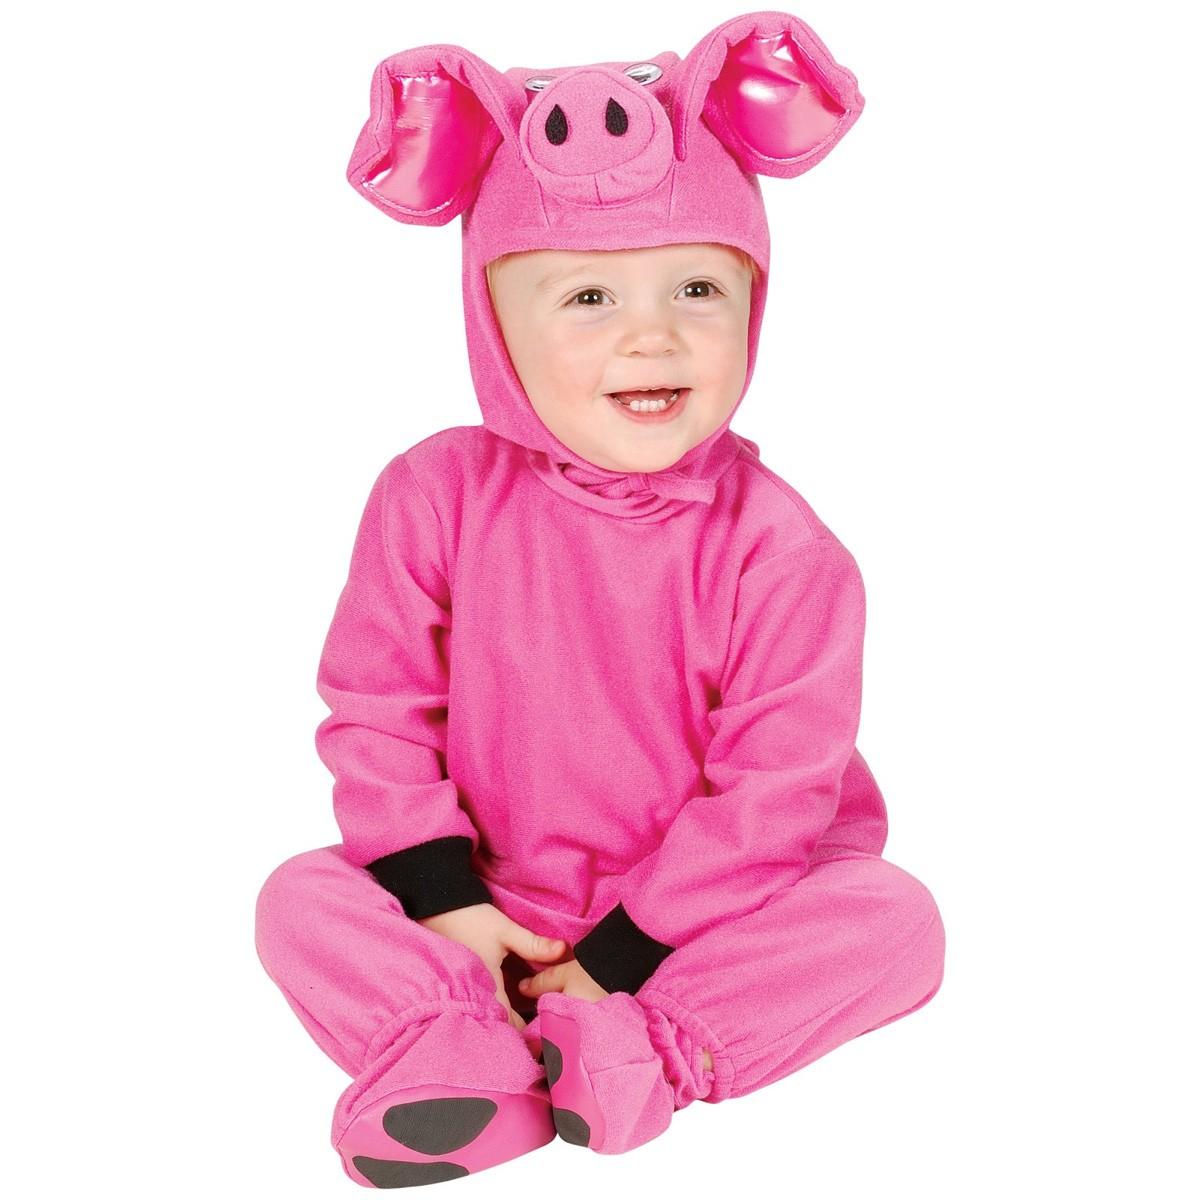 fb0e0d8c82ff3 子ぶた 着ぐるみ きぐるみ キャラクター きぐるみ ベビー用 ハロウィン コスチューム パジャマ 衣装